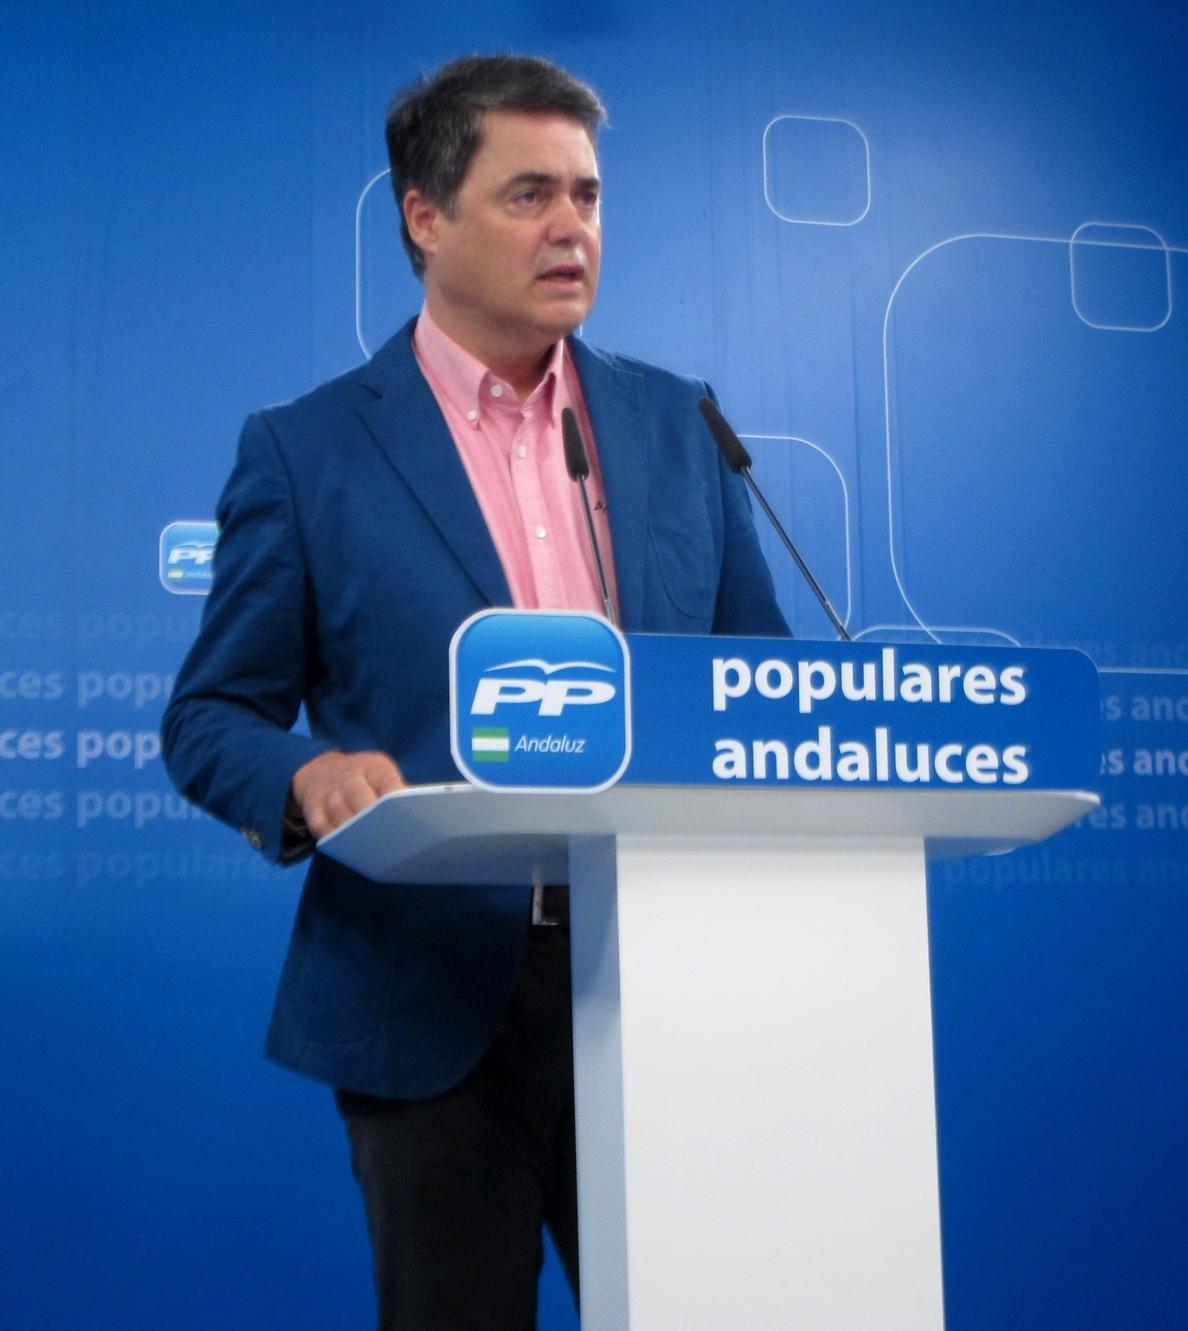 PP-A ve «demostrado» que Chaves «mintió» sobre Matsa y pregunta a Díaz si «está dispuesta también a seguir mintiendo»